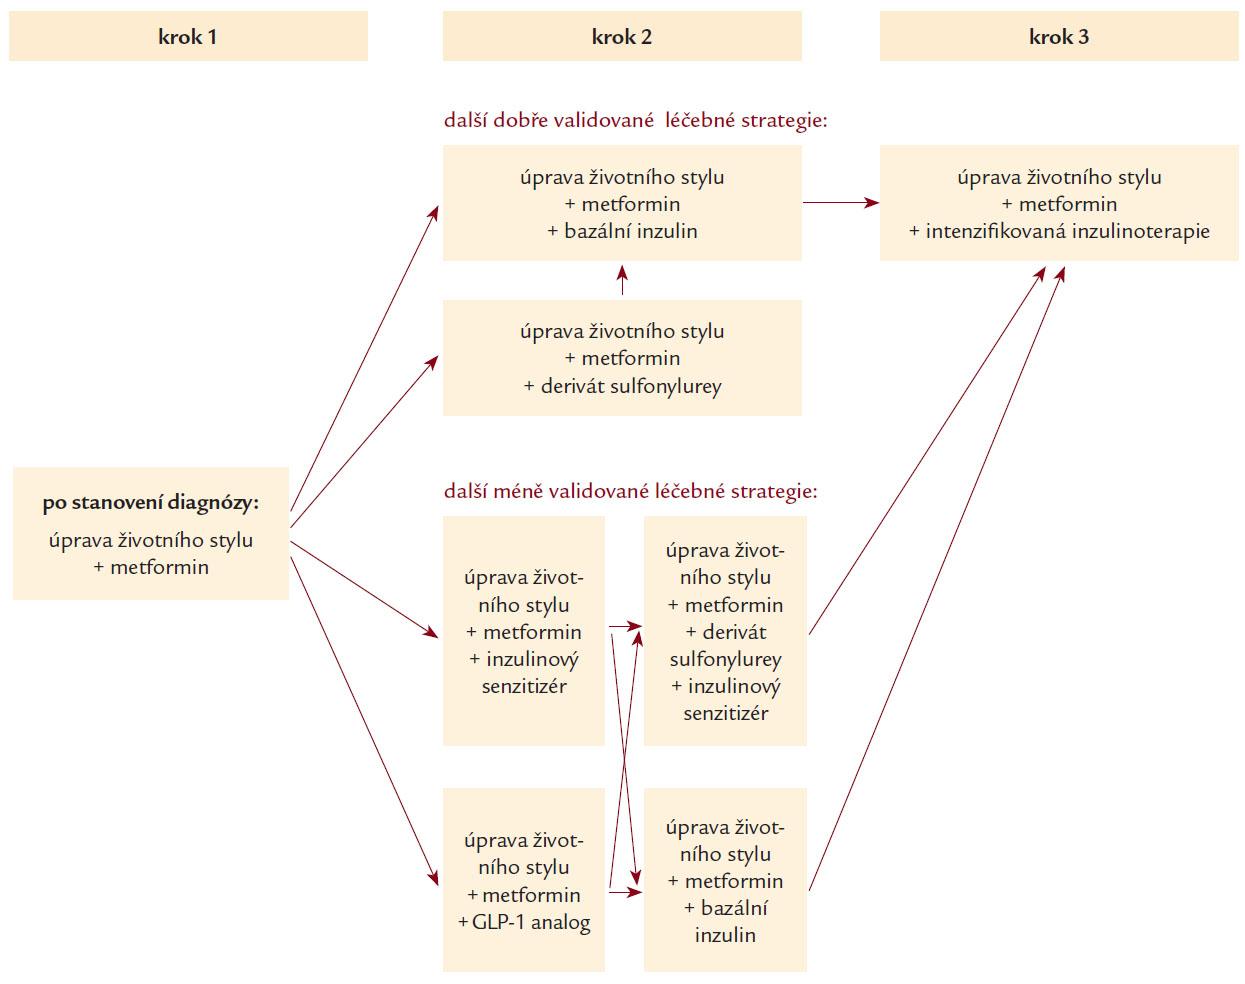 Algoritmus léčby diabetu 2. typu (Konsenzus Americké a Evropské diabetologické společnosti) [22]. Nedojde-li během 3 měsíců k dosažená HbA<sub>1c</sub> pod 5 %, přistoupíme k některé další alternativě léčby podle některé z šipek. Metformin vynecháme, není-li snášen nebo je-li kontraindikován.